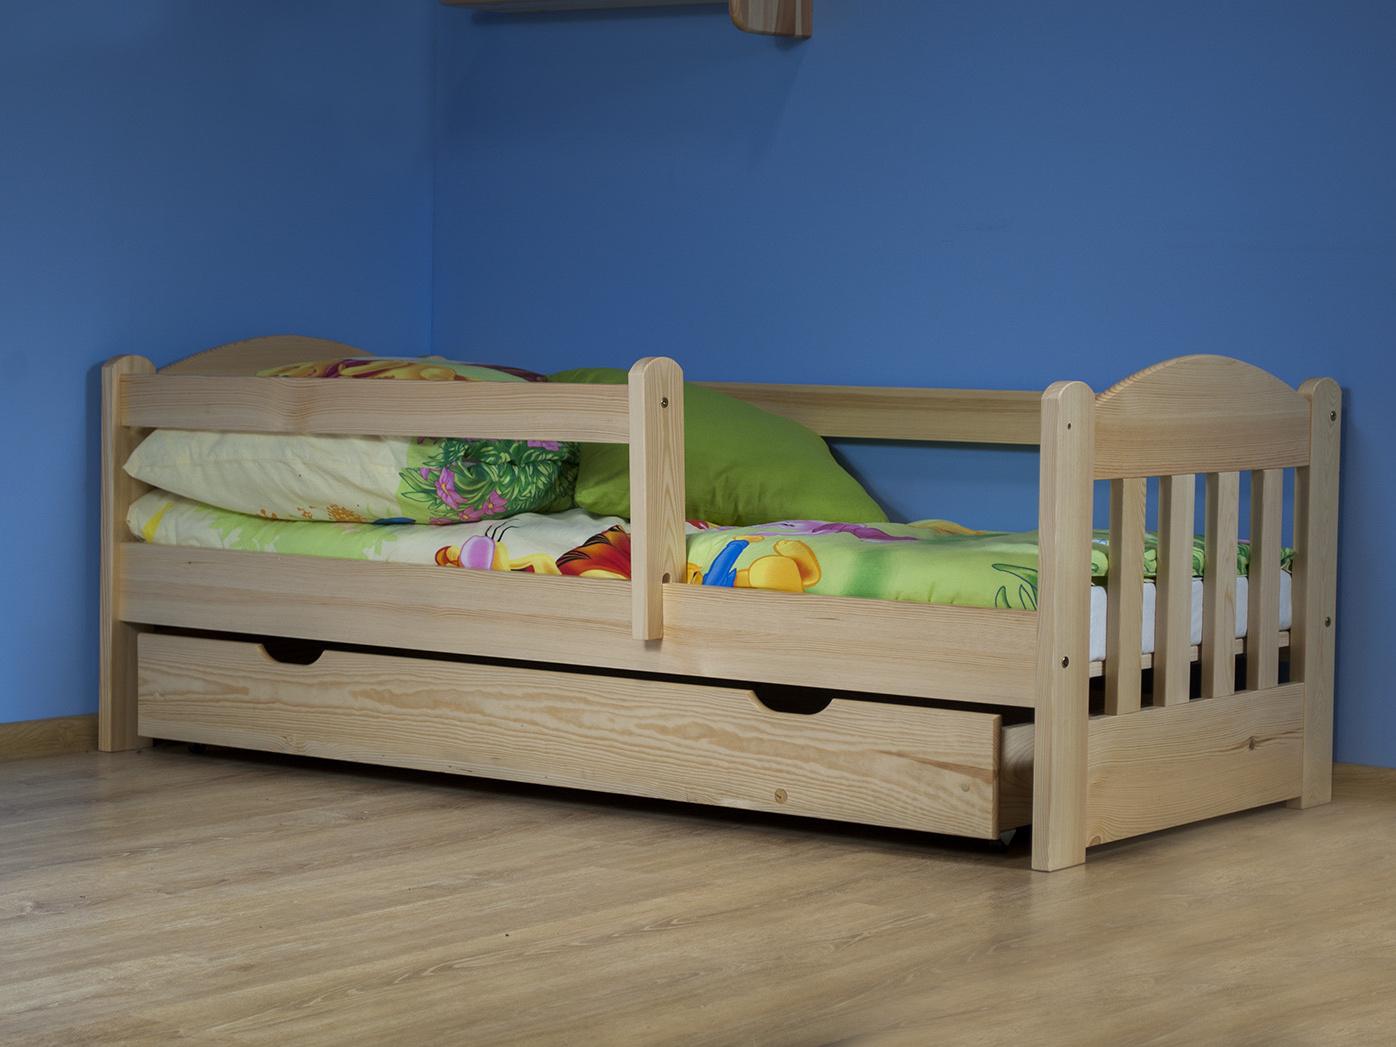 MAGNAT Dětská postel OLA 70x160 cm s matrací a roštem, masiv borovice